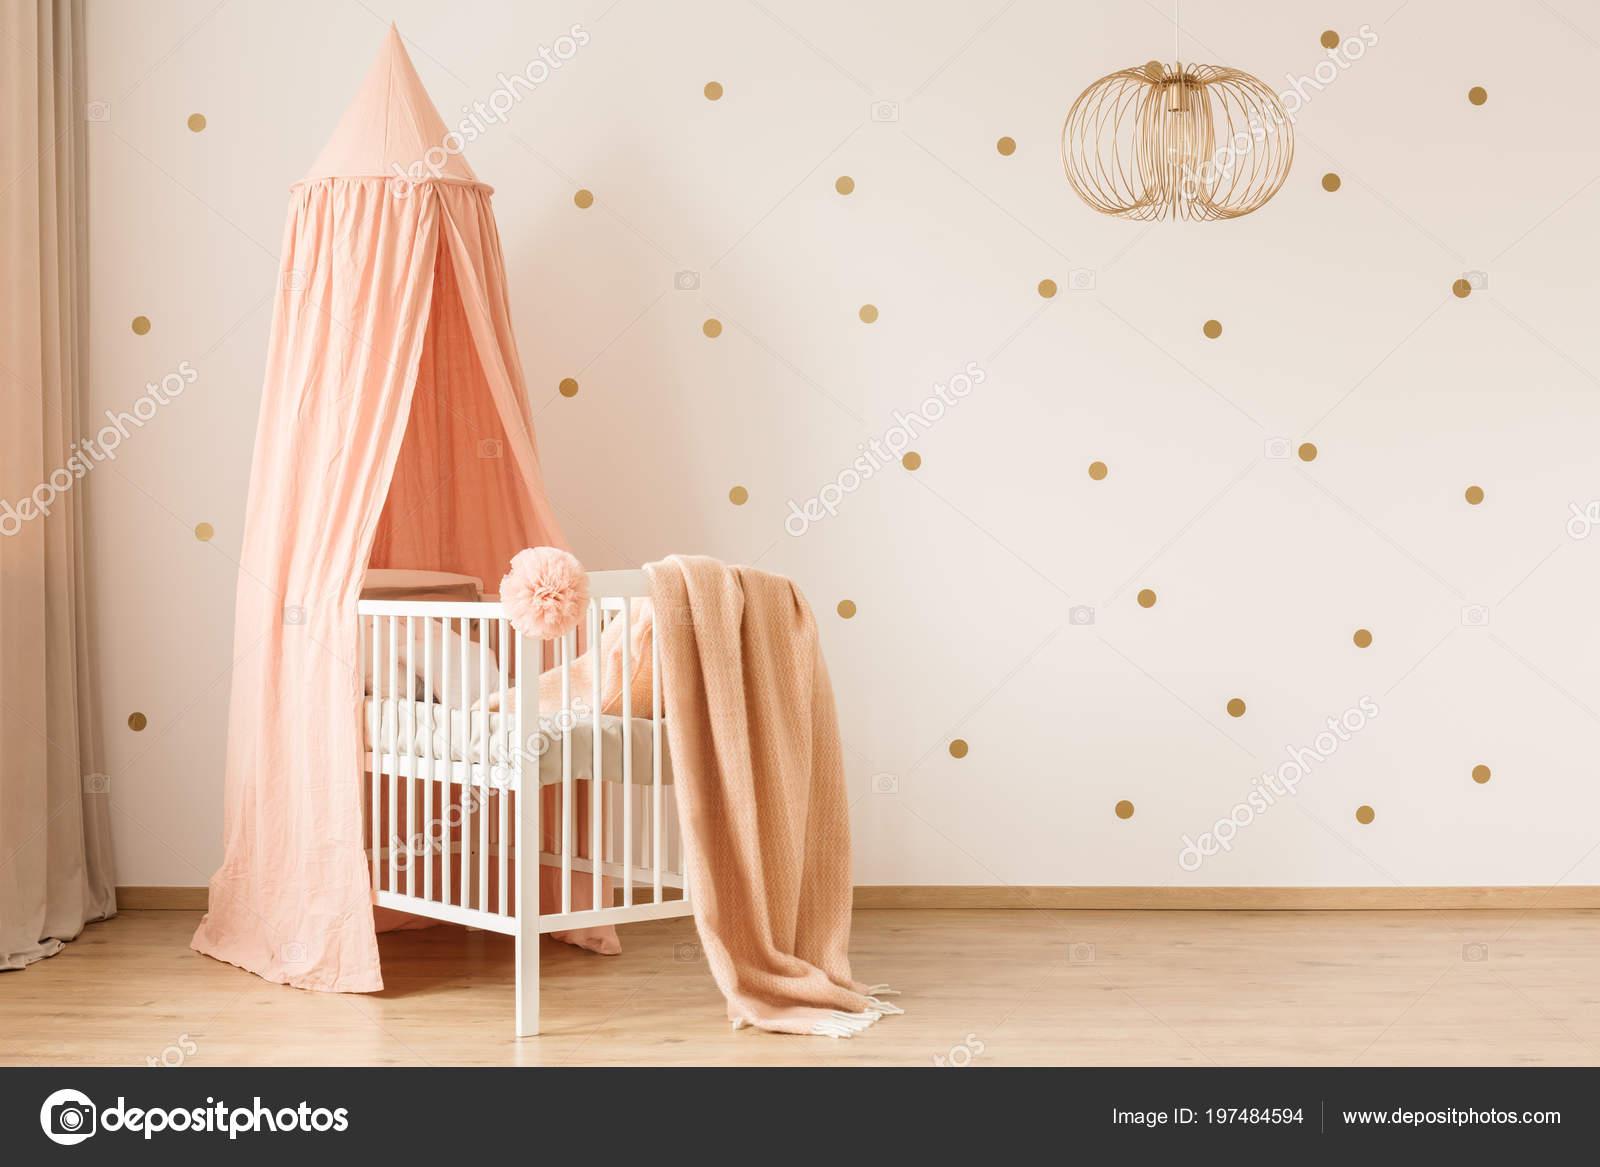 Behang Met Stippen : Gouden lamp pastel baby slaapkamer interieur met canopied wieg tegen